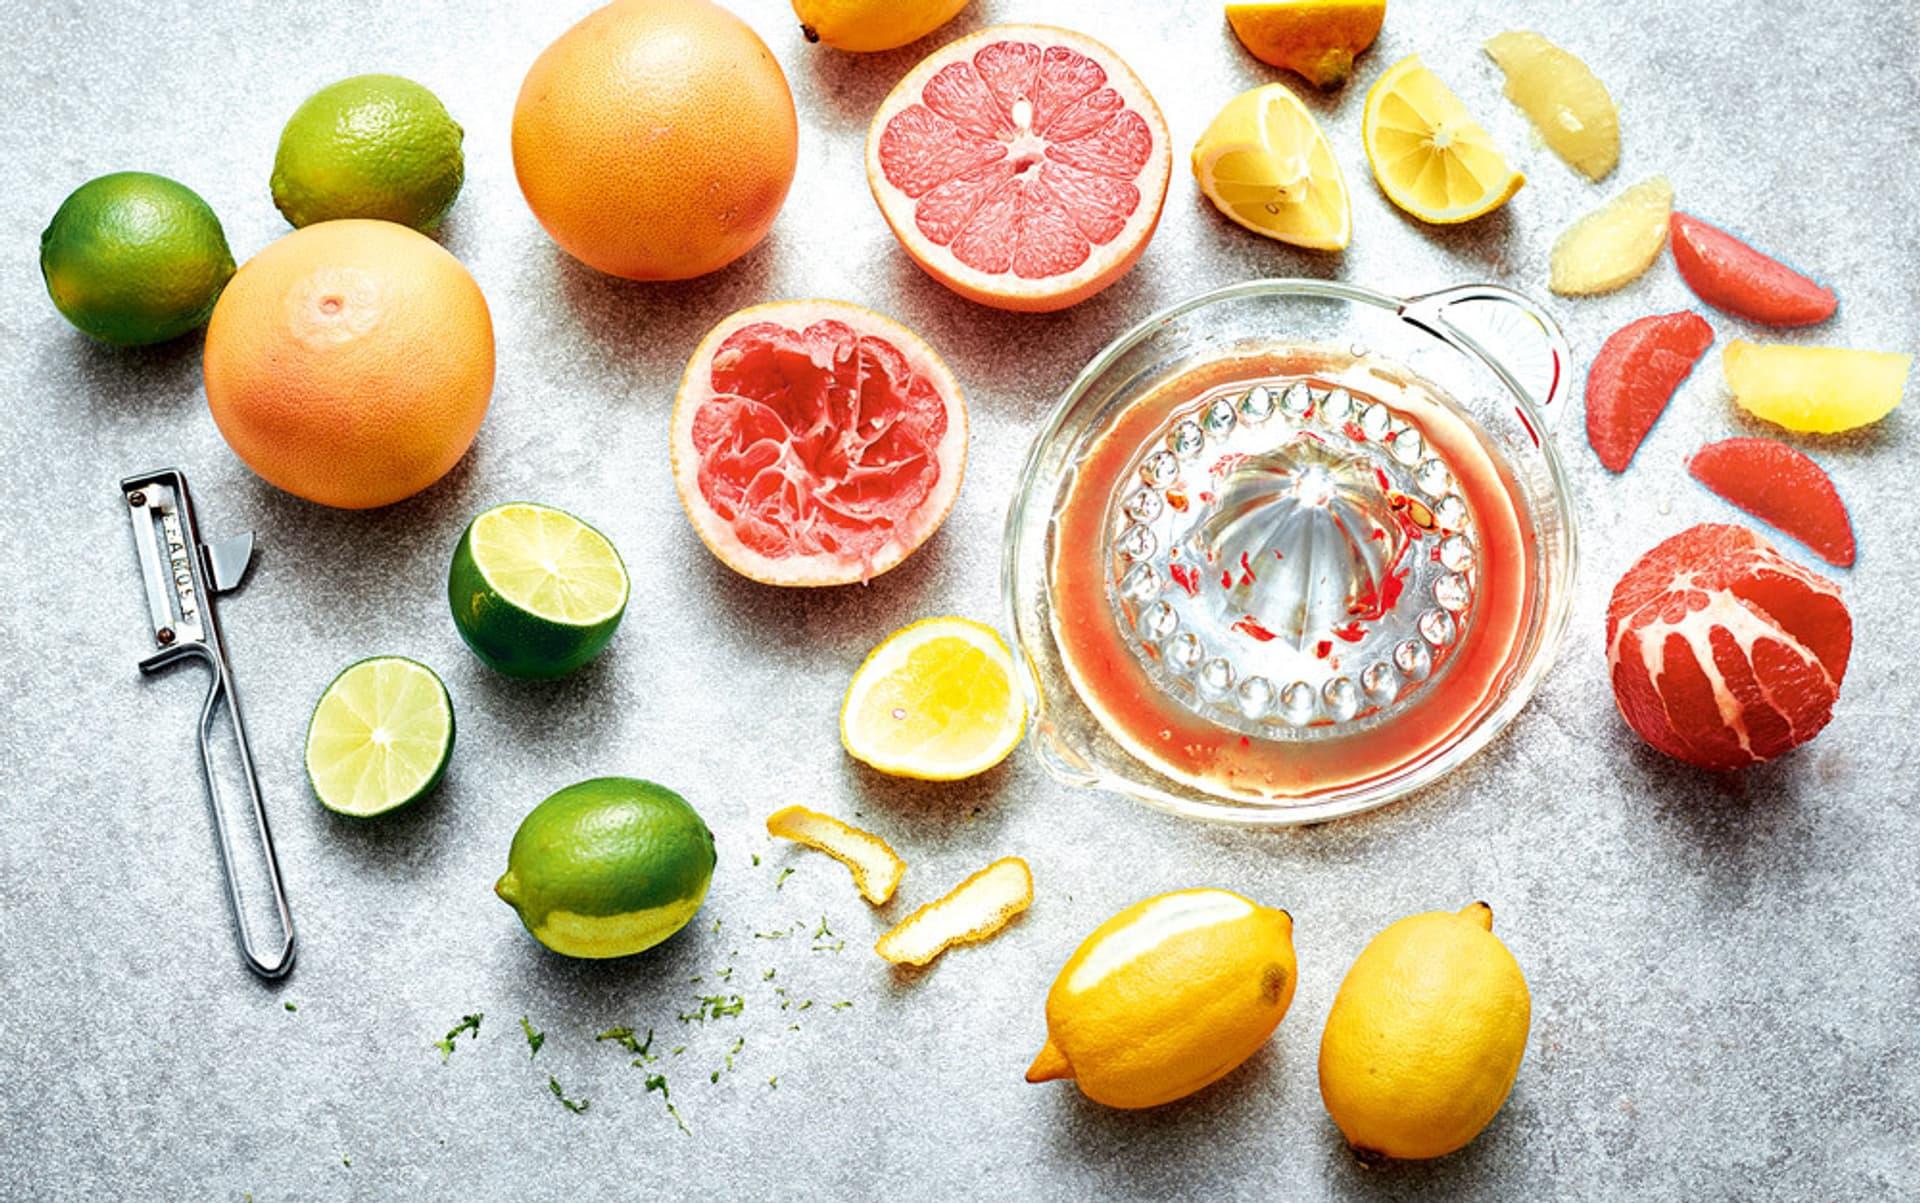 Zitrusfrüchte (Limetten, Grapefruit, Zitronen) auf einer Marmorplatte